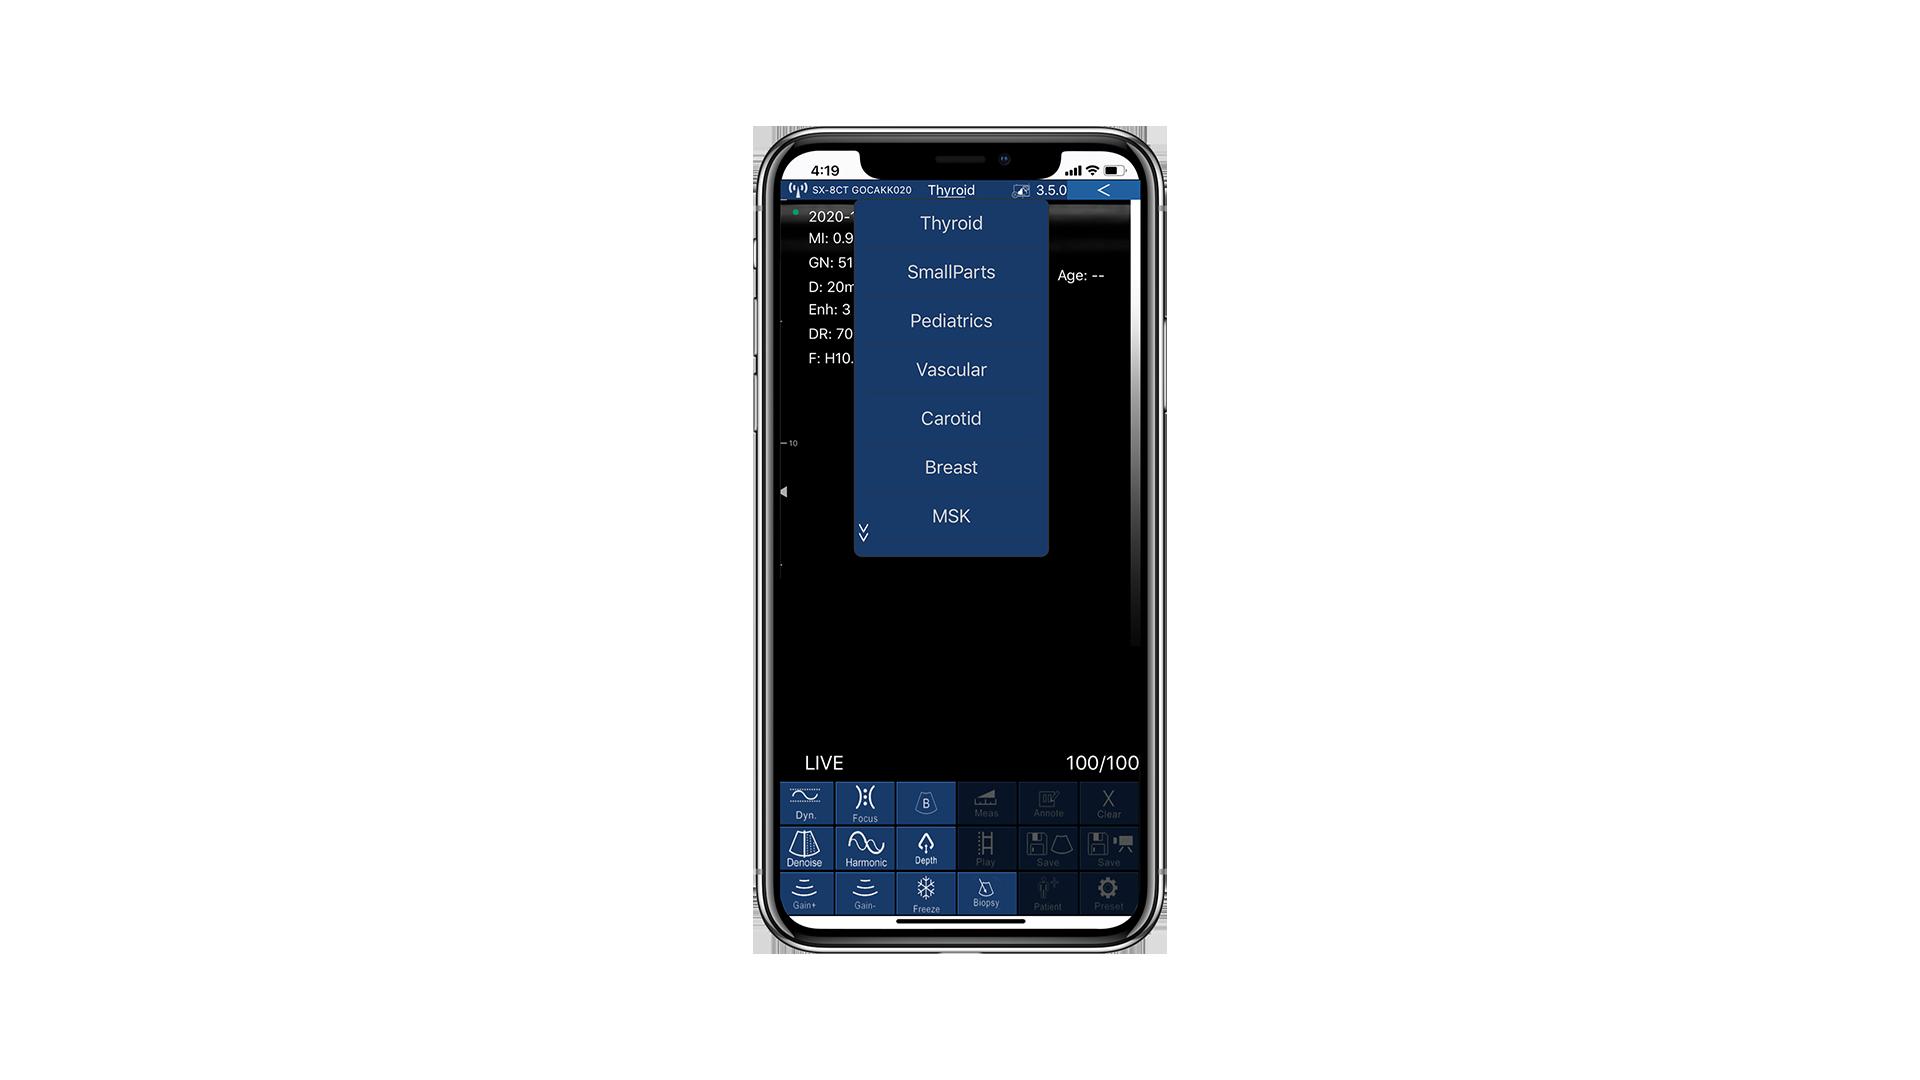 Hauptmenü der App zu Beginn des Scannens.